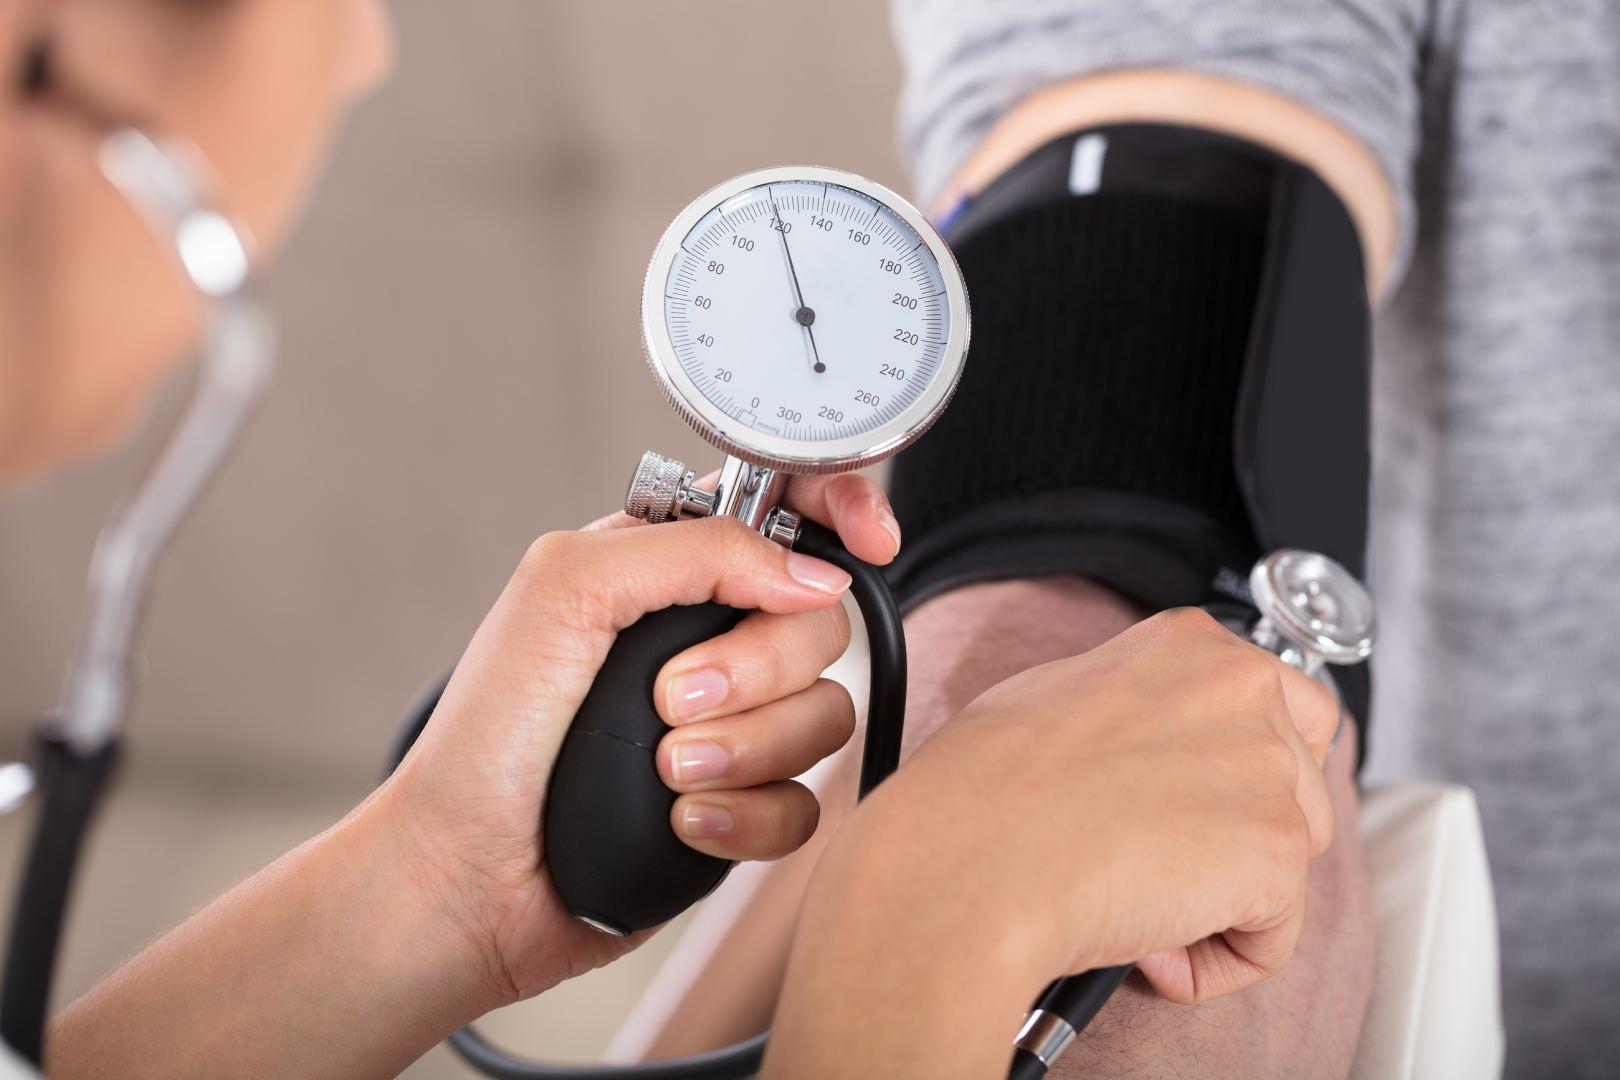 nuo ko pradėti tyrimą dėl hipertenzijos